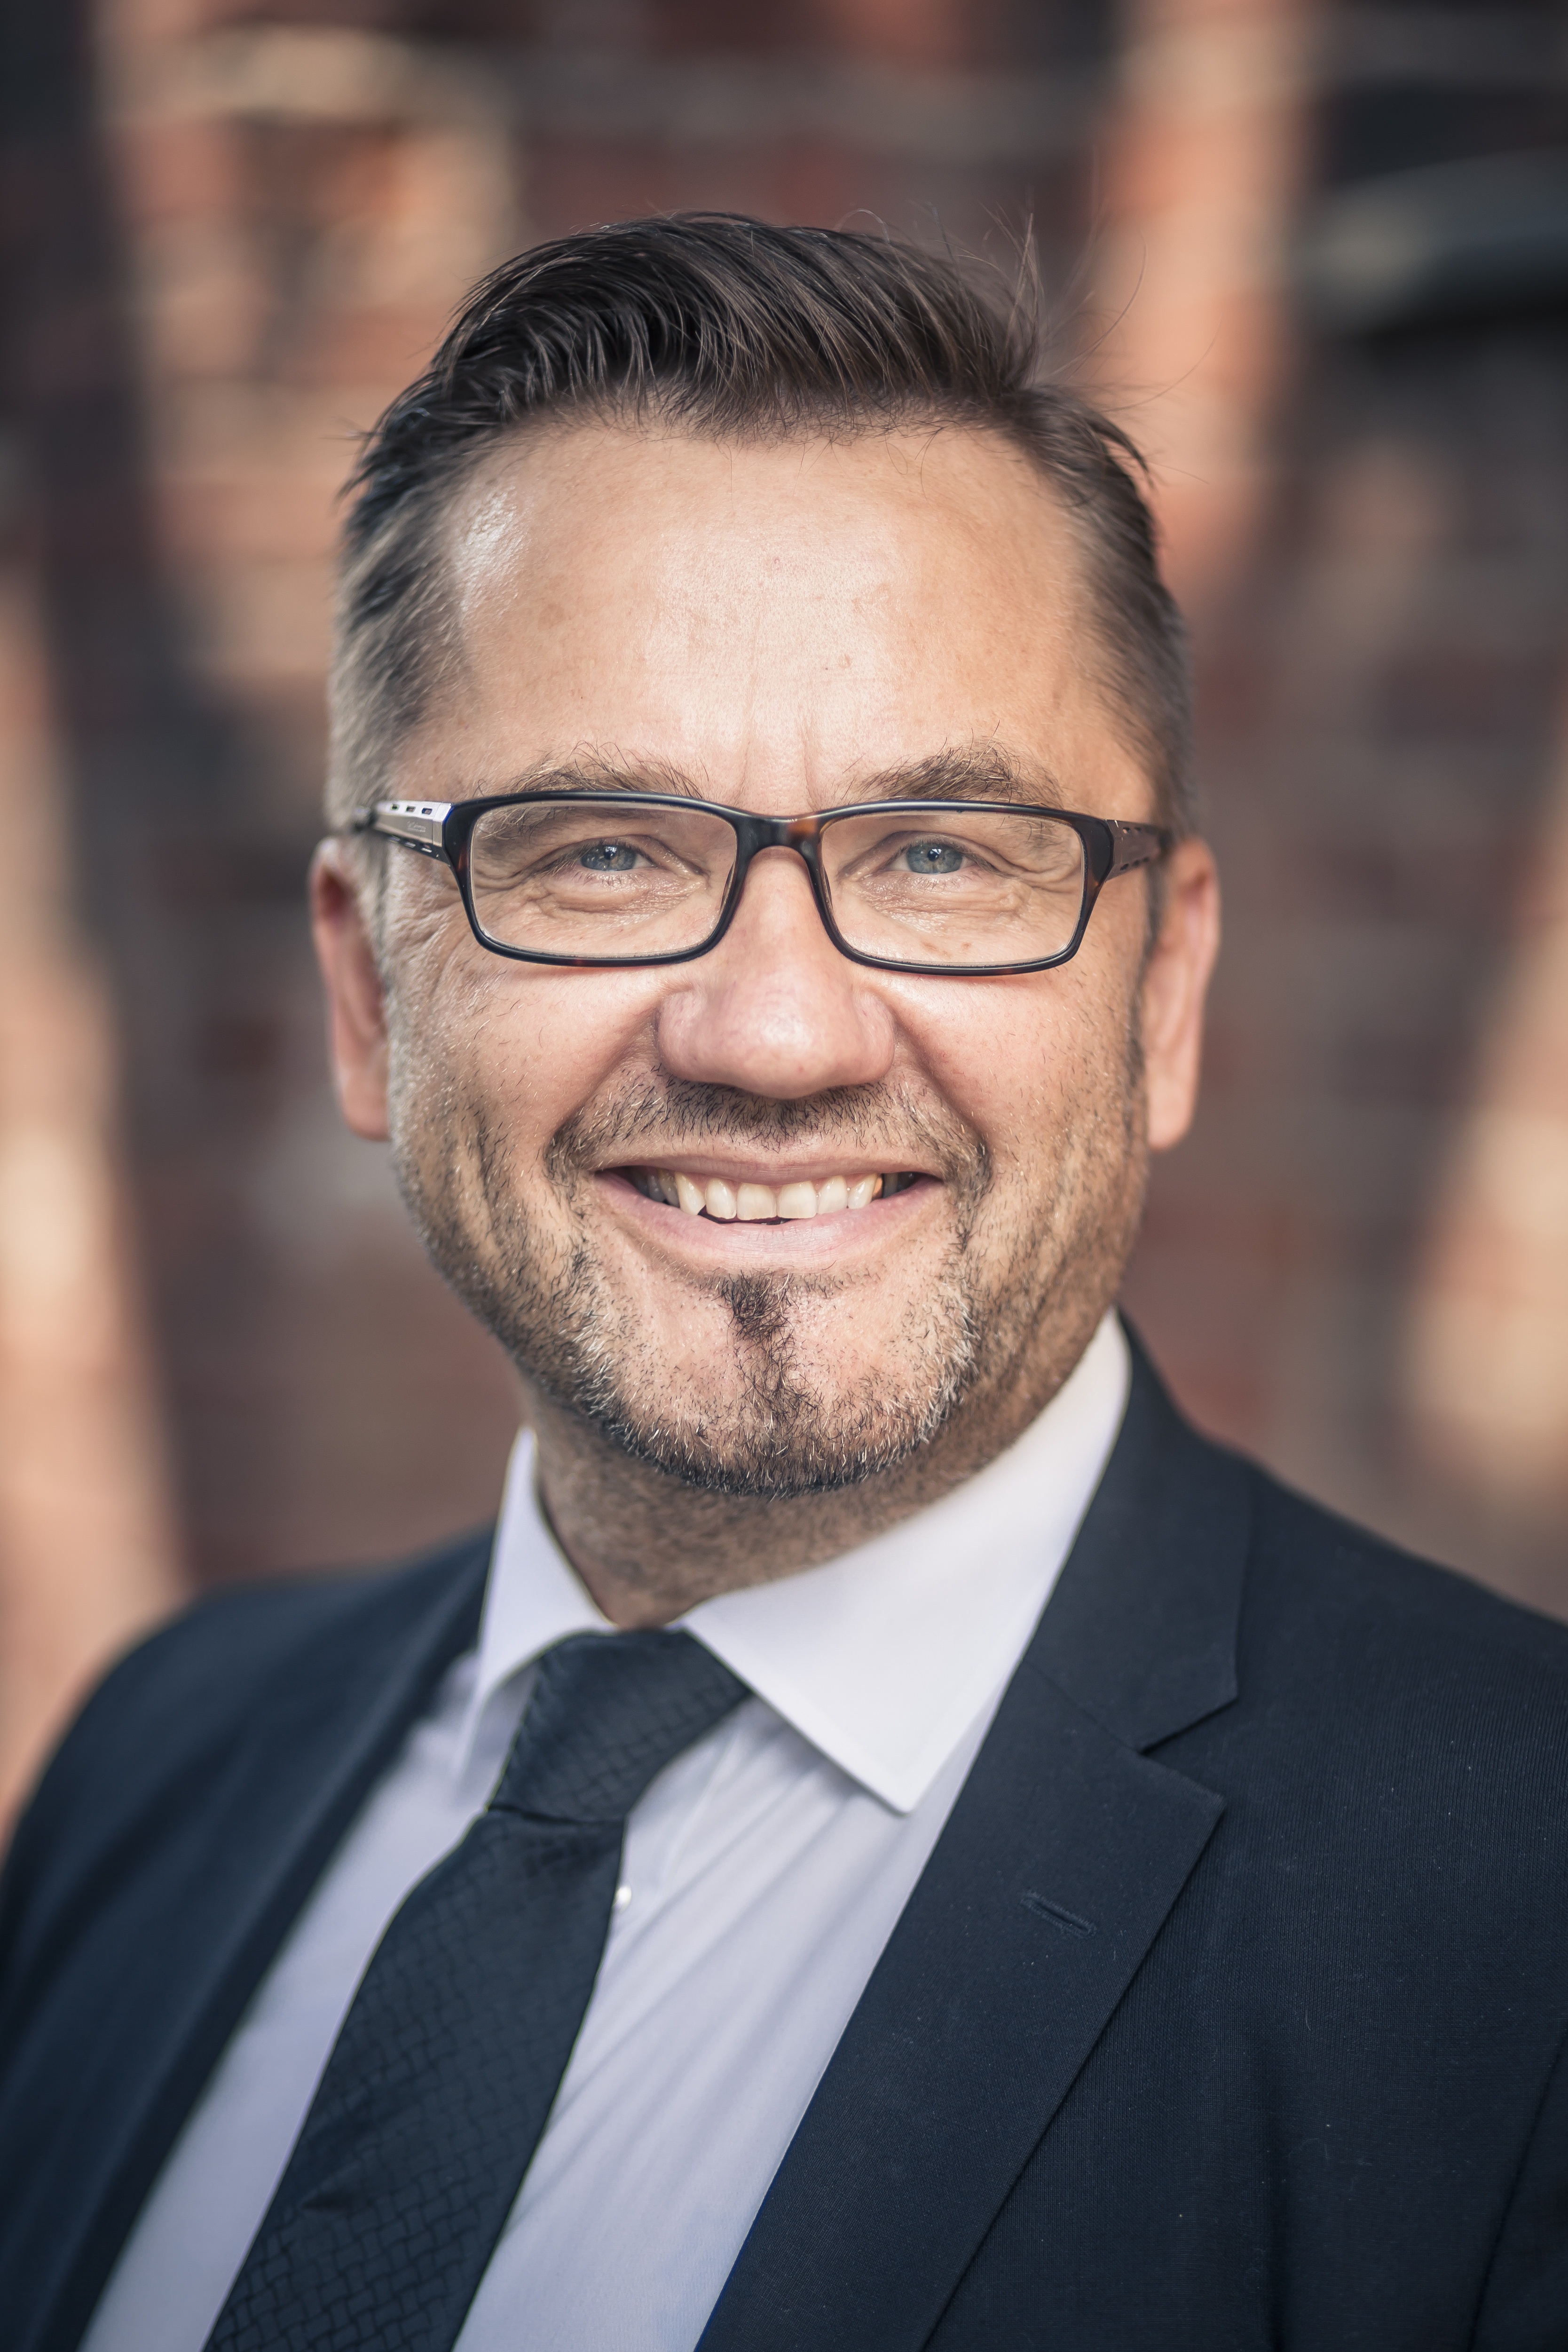 Finlayson Jukka Kurttila